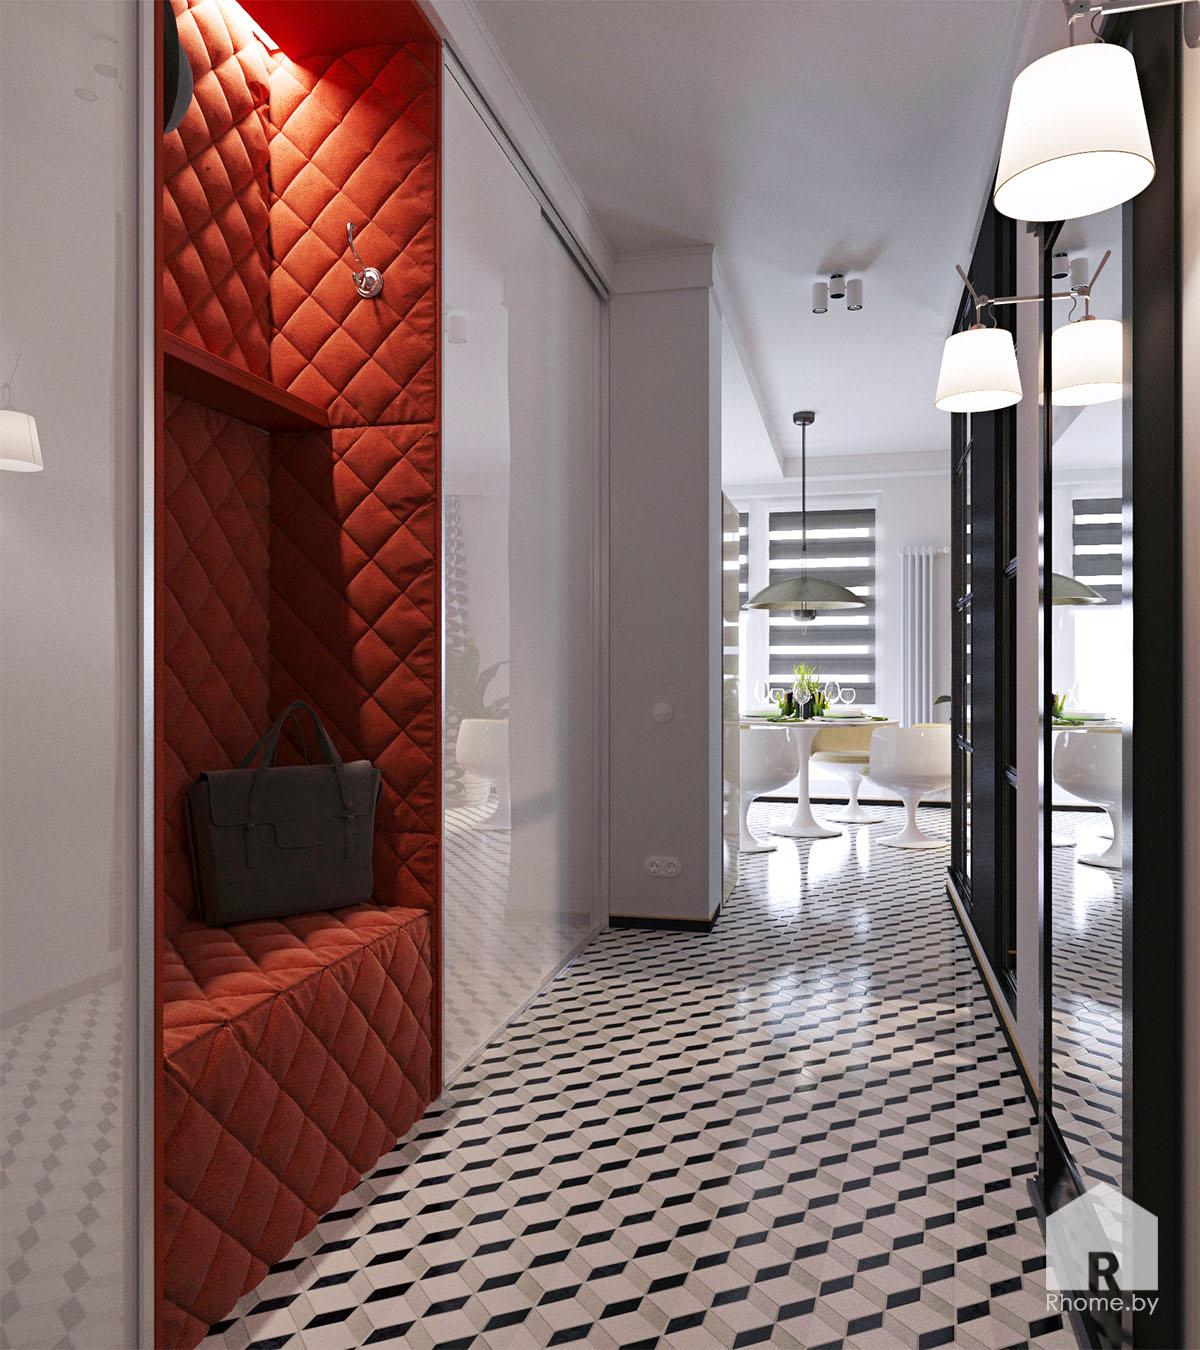 Дизайн интерьера прихожей в ретро стиле 50 годов | Дизайн студия – Rhome.by